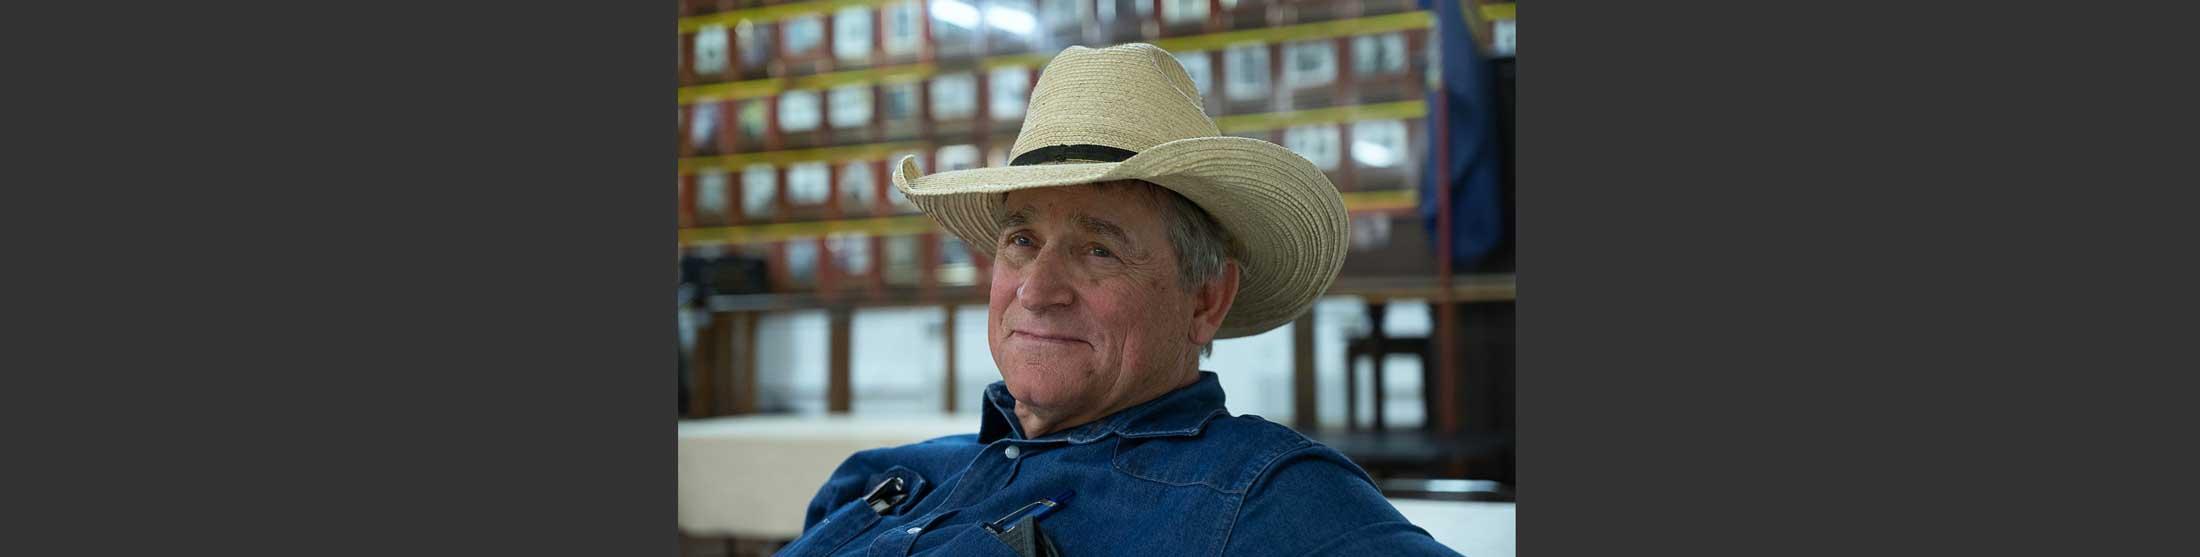 Wally Badgett – the Cowboy Cartoonist